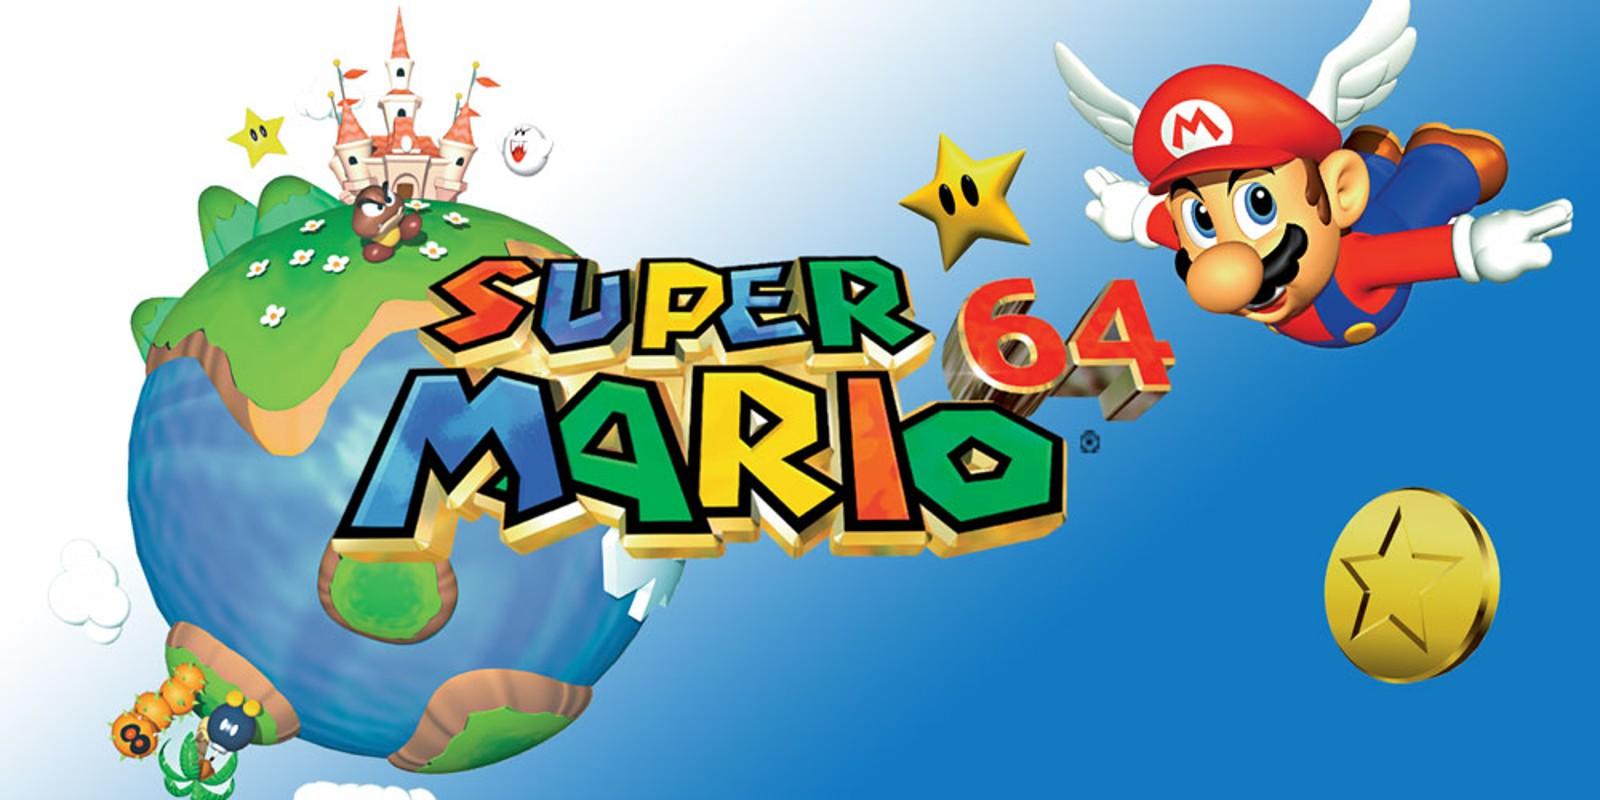 SI N64 SuperMario64 image1600w - Por que Mario foi para frente e Sonic não?